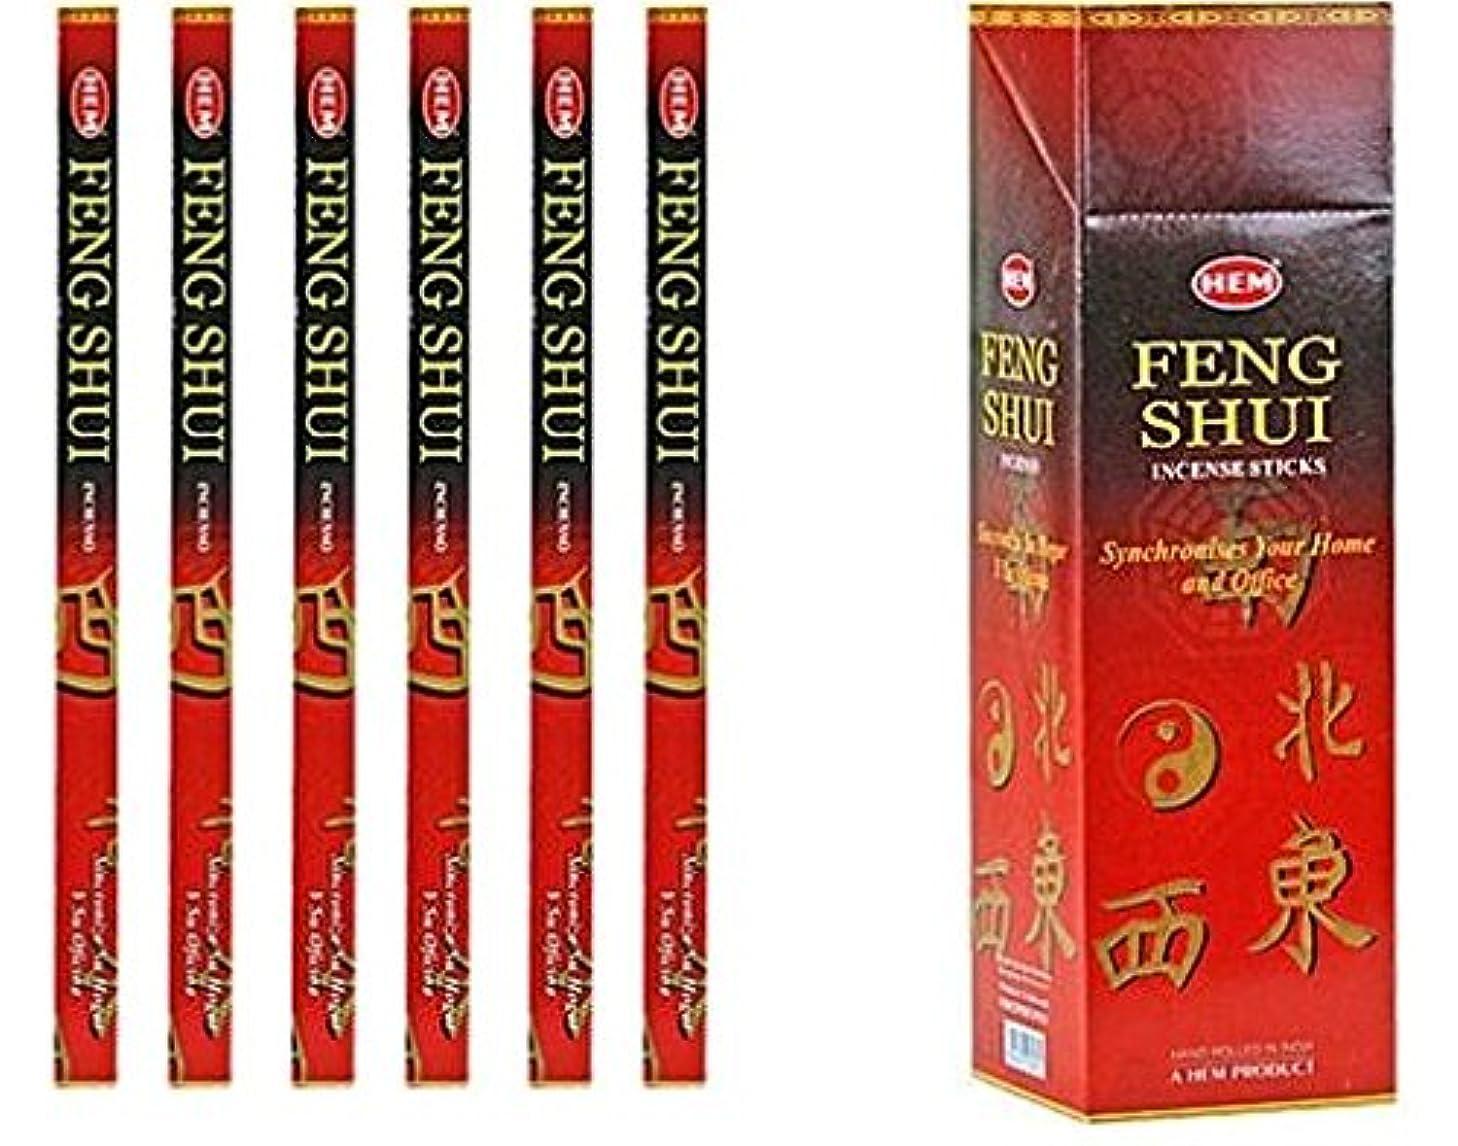 スツール生む軽インドHem Feng Shui Incense 6パックX 8スティック、Wicca Pagan 8 Gm正方形ボックス